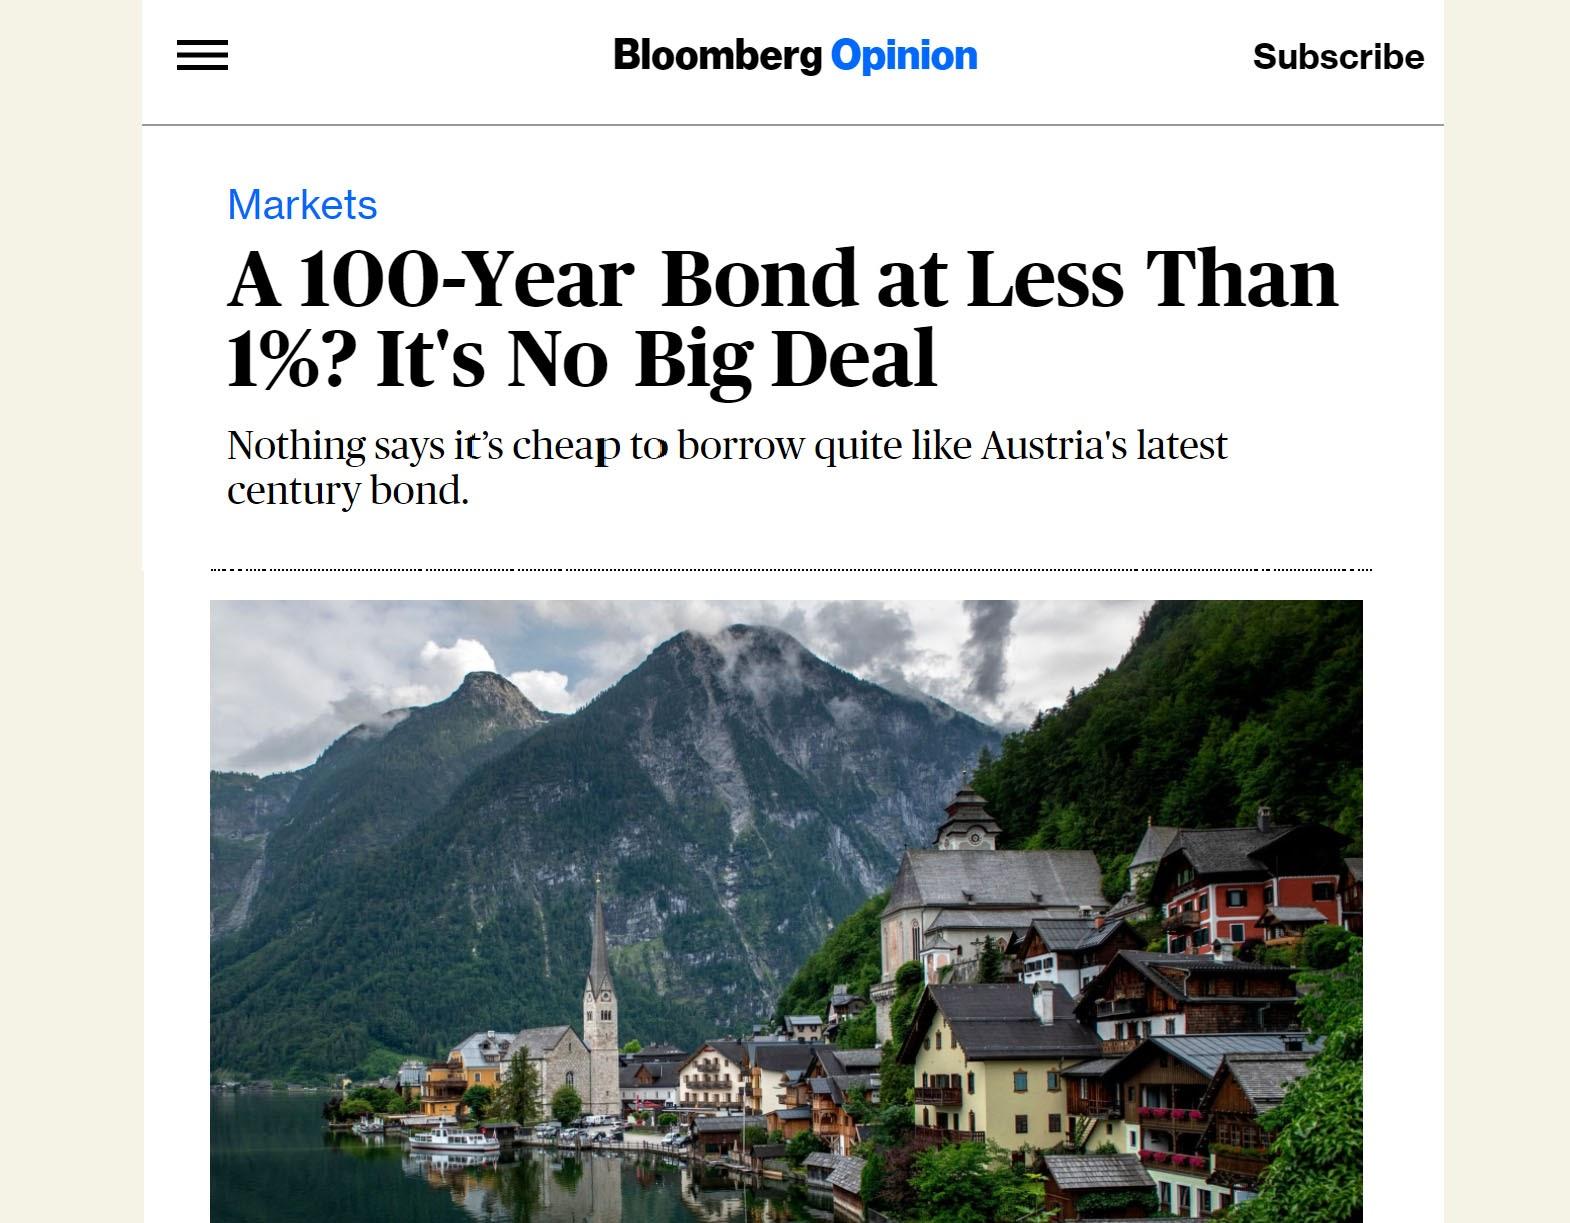 Artykuł z Bloomberg na temat super niskiego oprocentowania pożyczki zaciągniętej przez Austrię